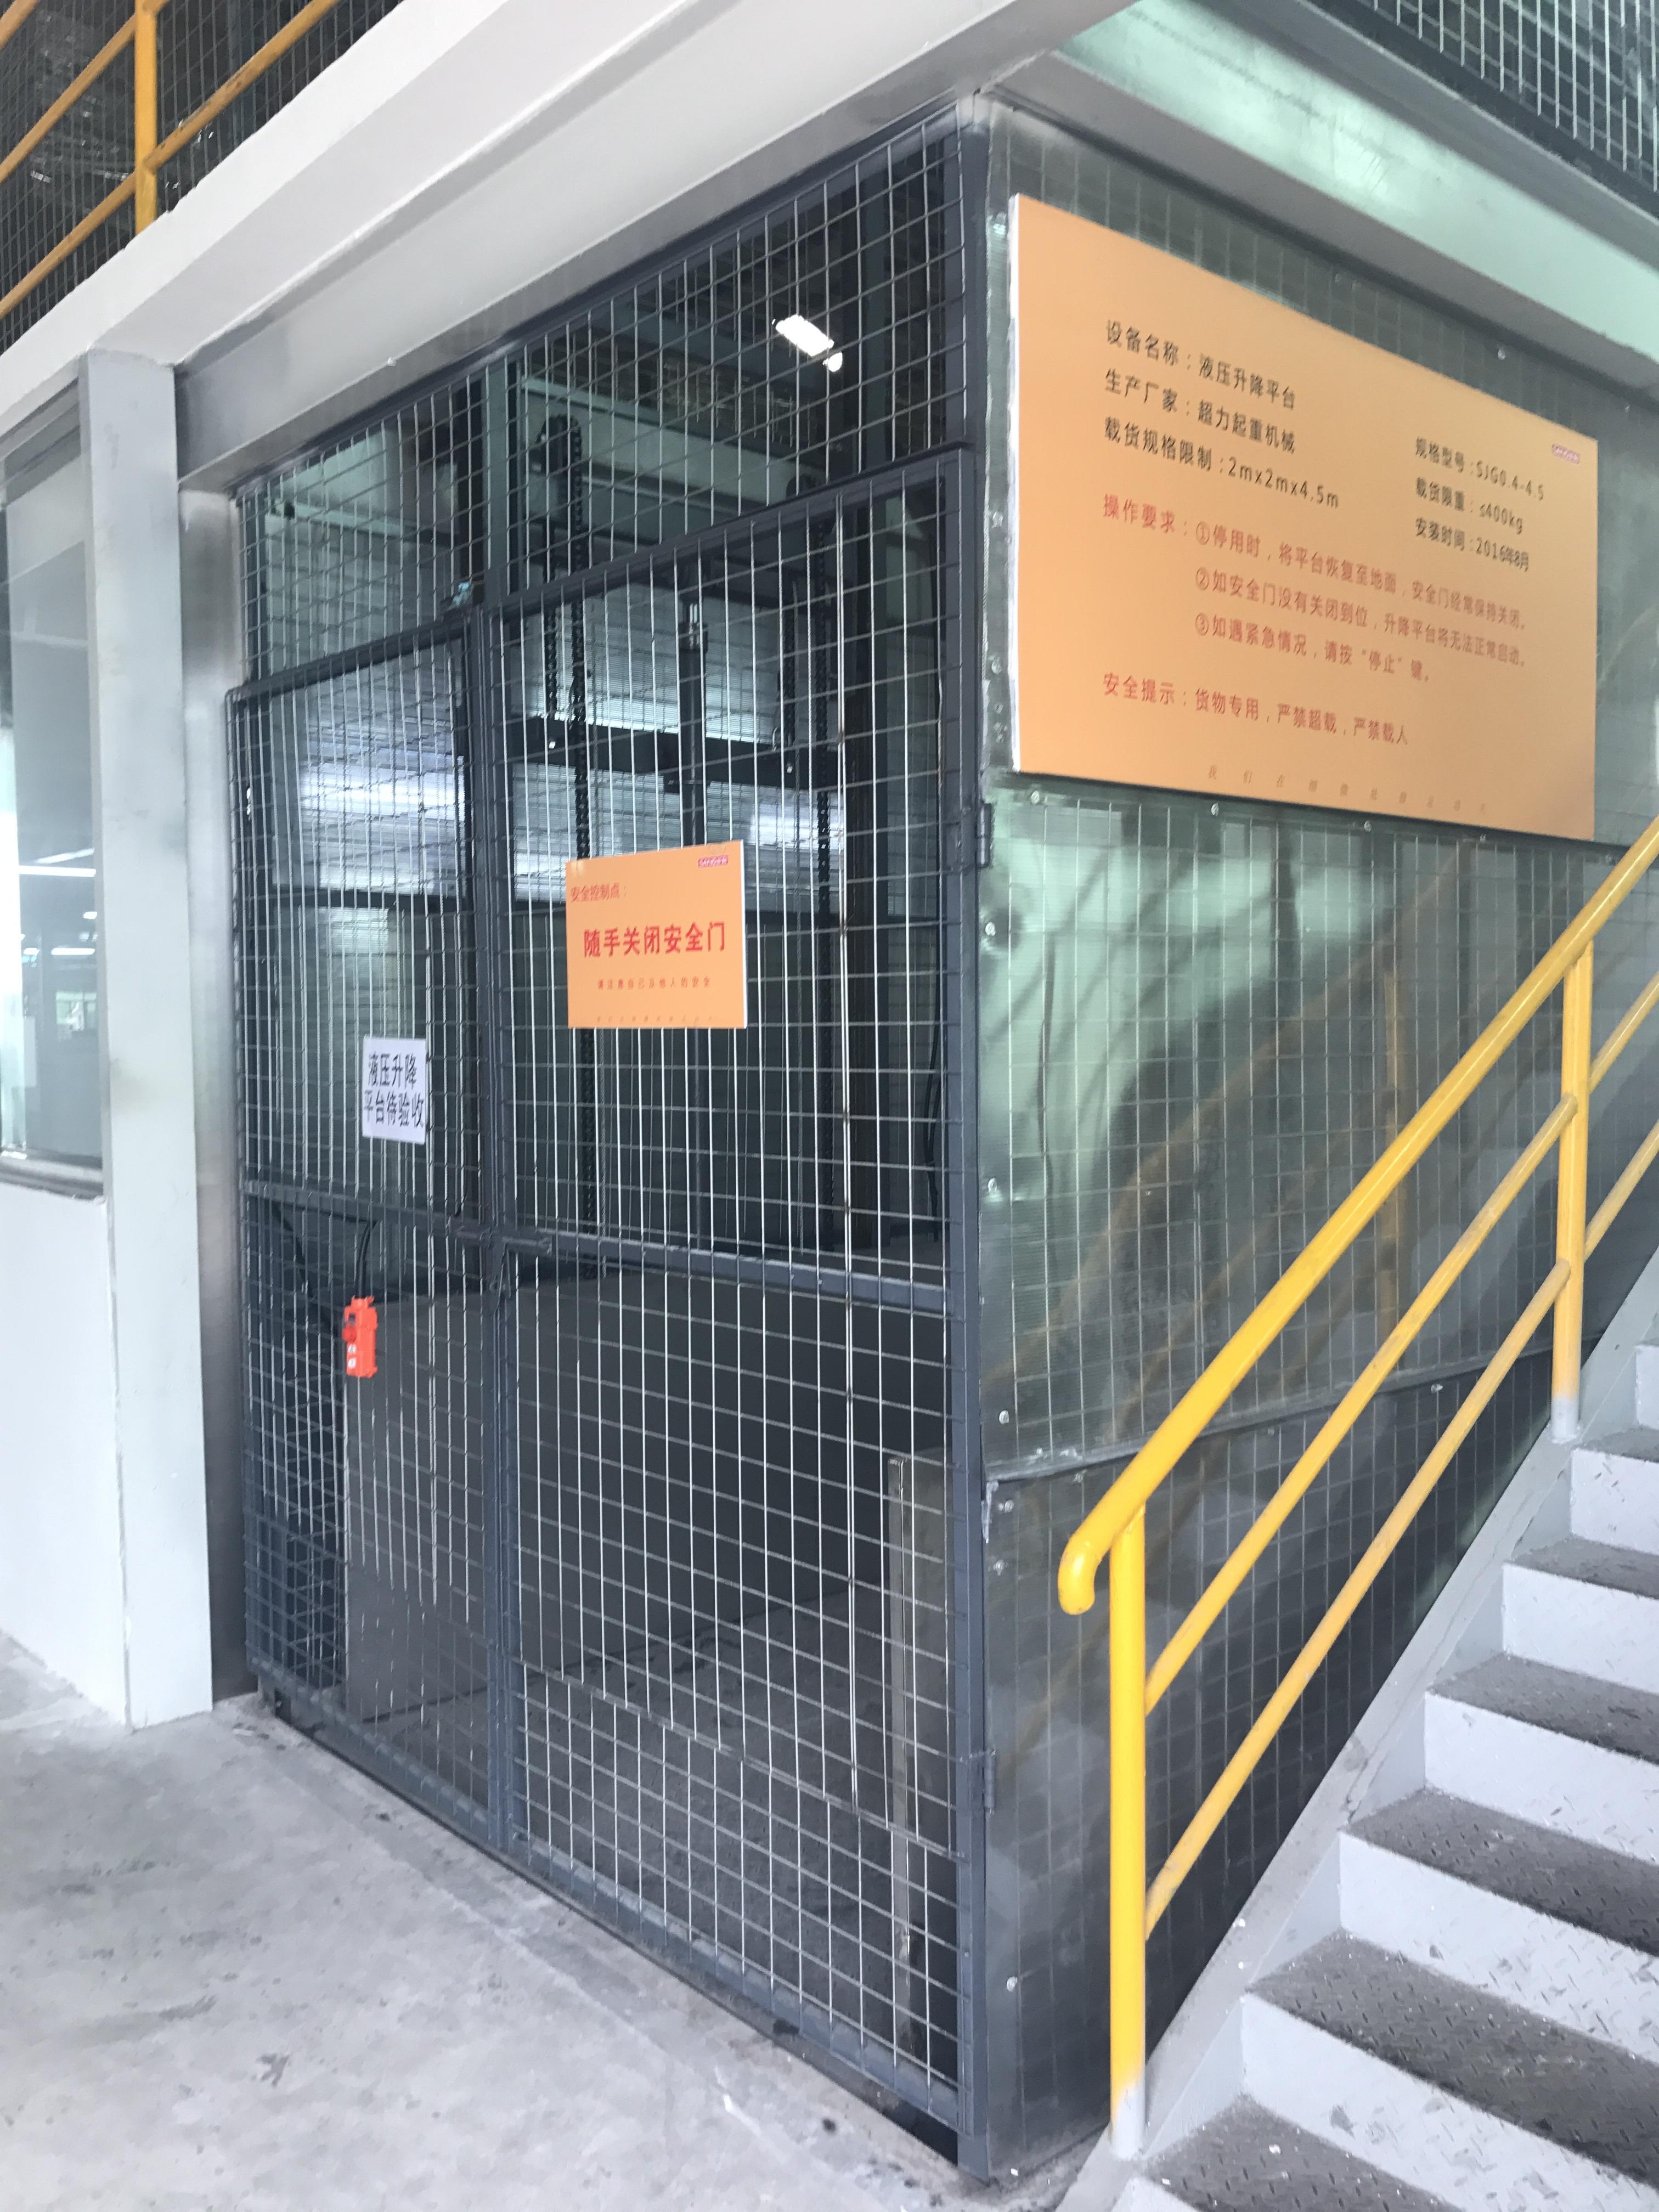 导轨式液压升降货梯安装过程中有那些污染物?图片